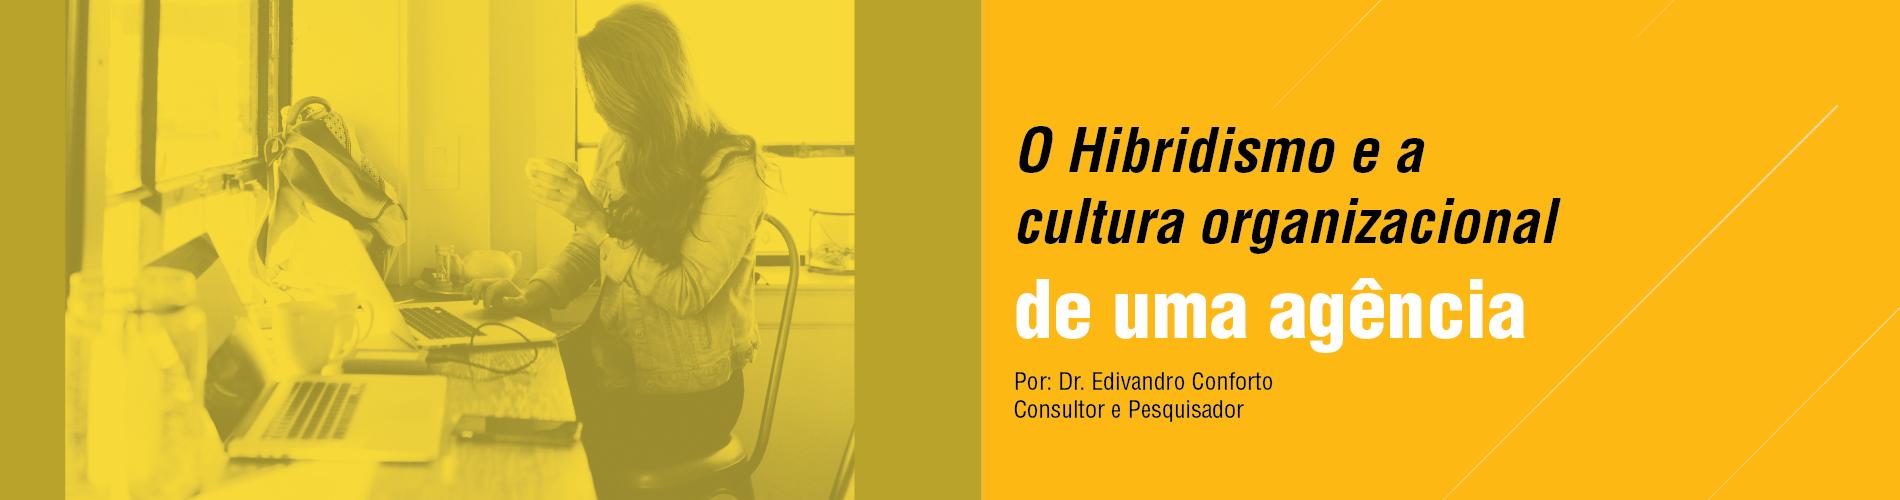 o-hibridismo-e-a-cultura-organizacional-de-uma-agencia